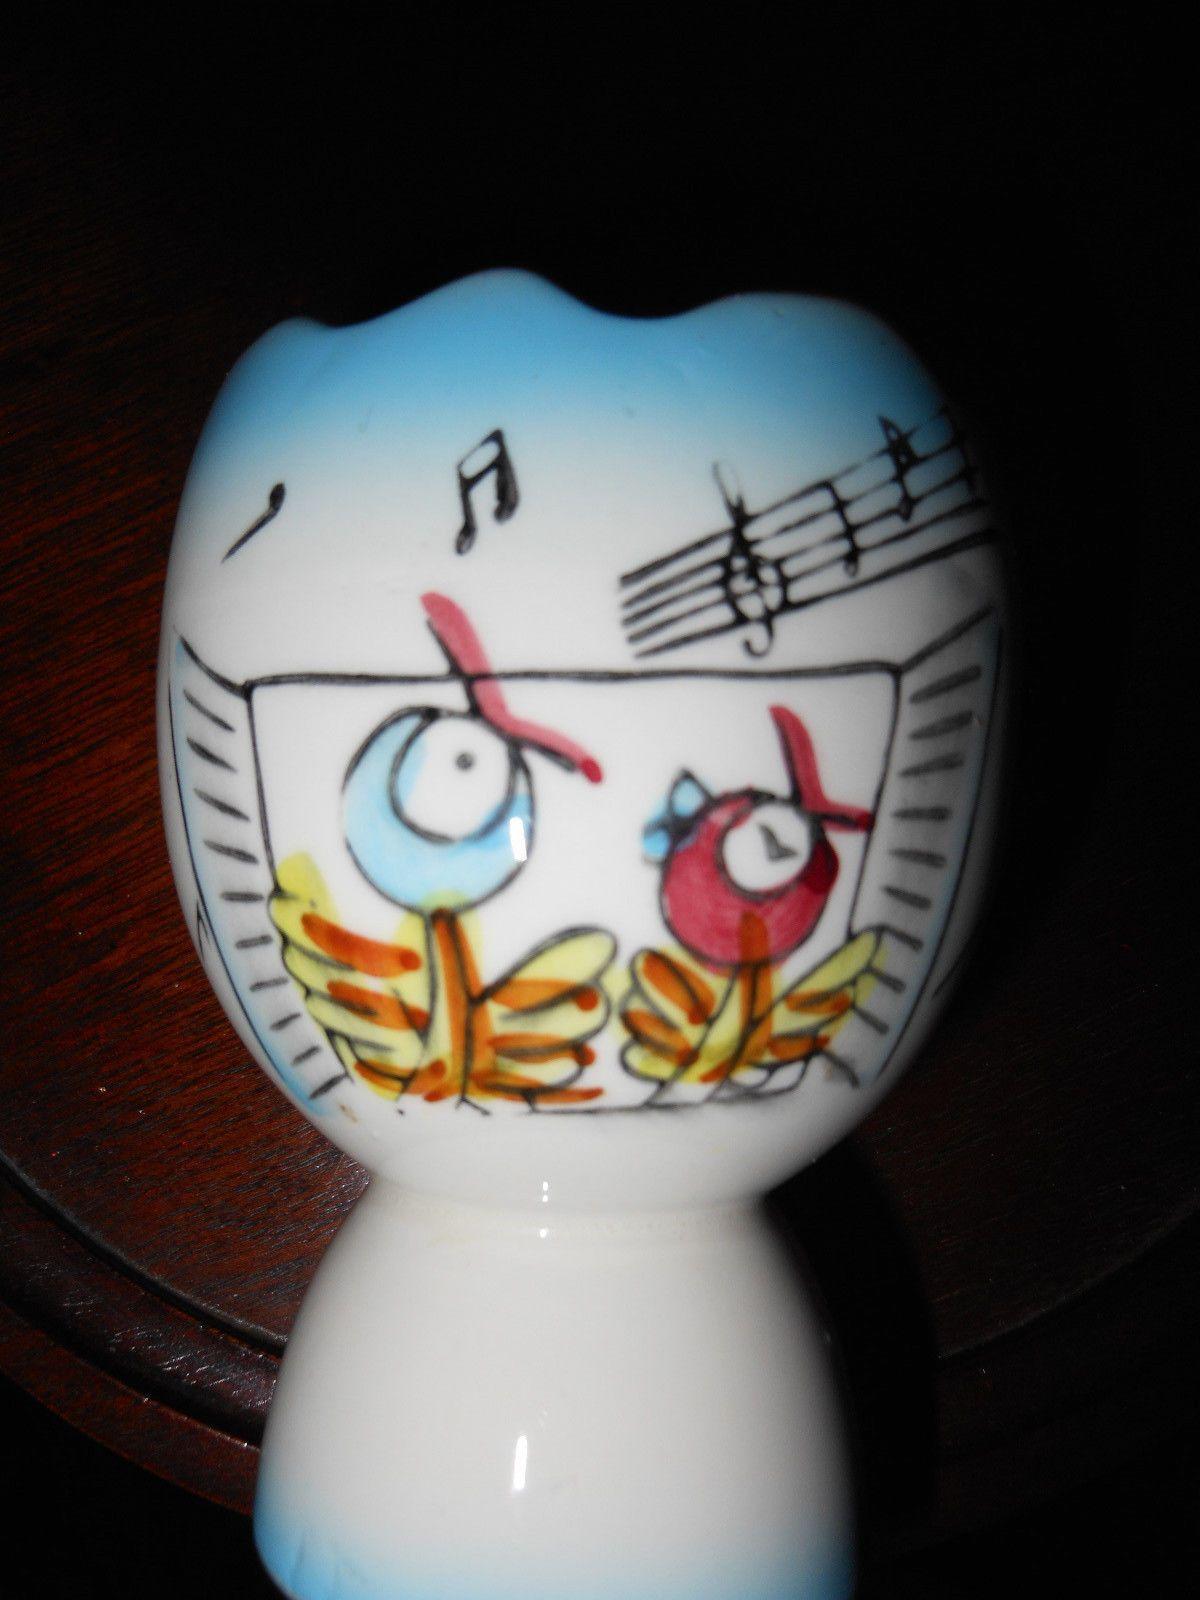 Adorable Vintage Japan Ceramic Egg Cup with Birds Singing Easter | eBay